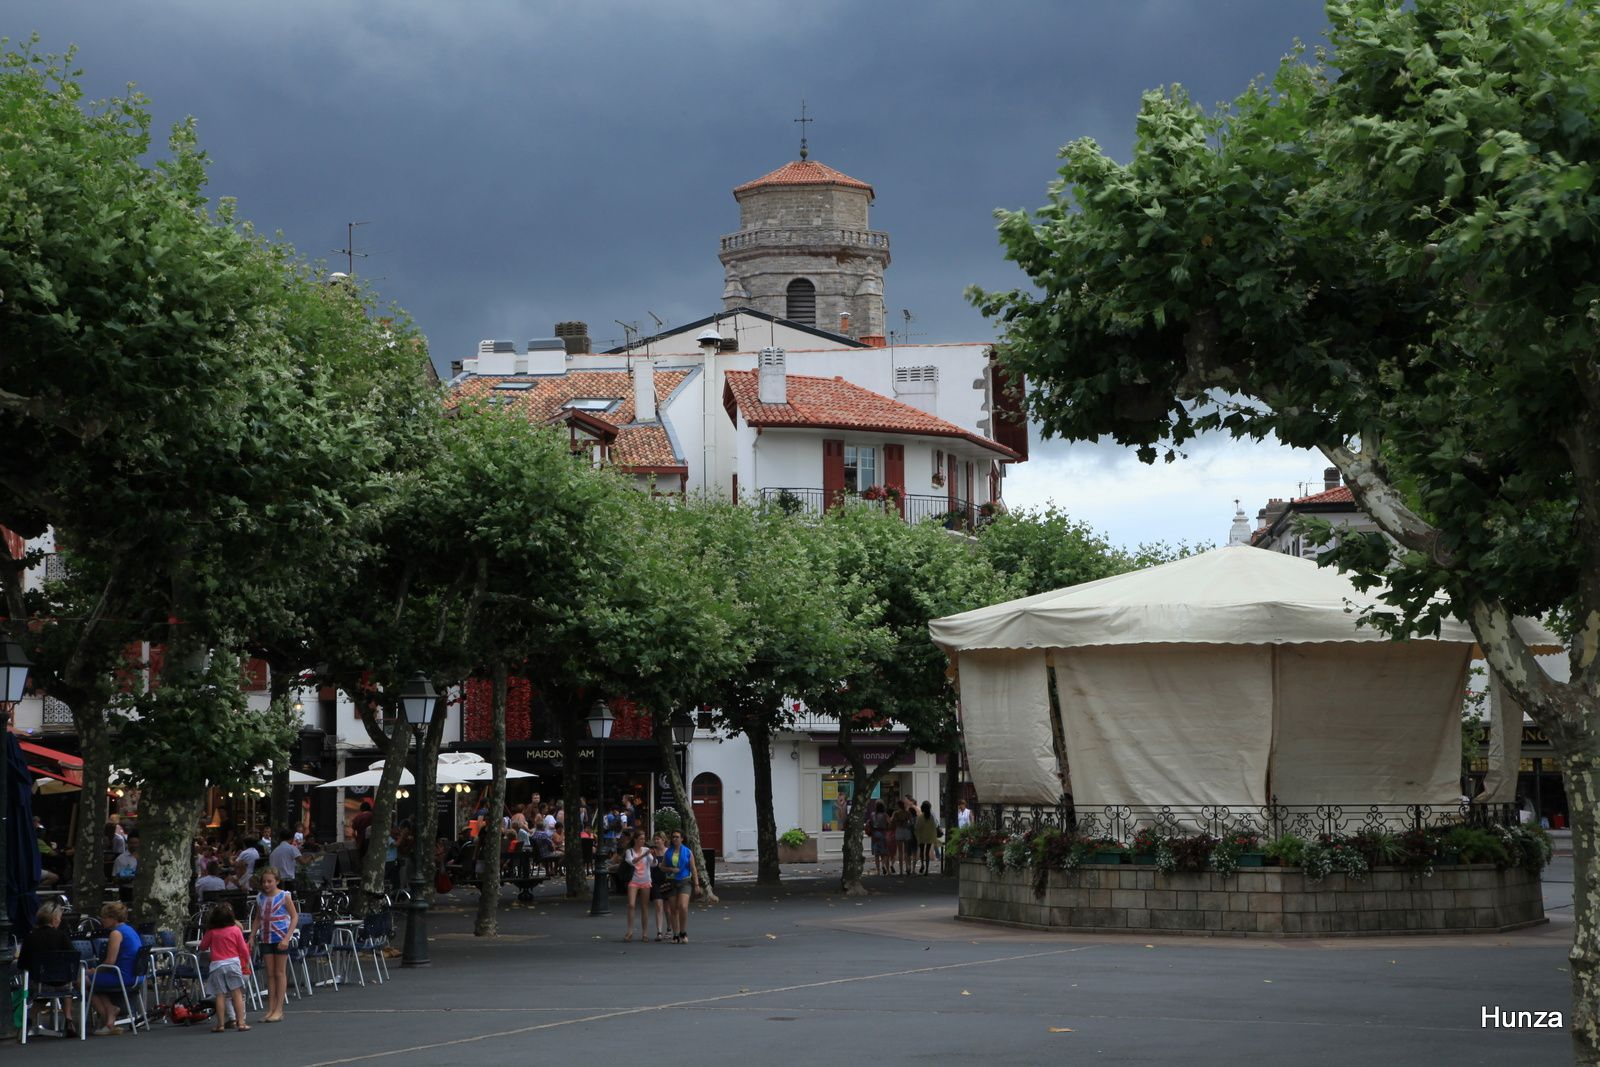 Ciel d'orage sur la place Louis XIV et le kiosque à musique